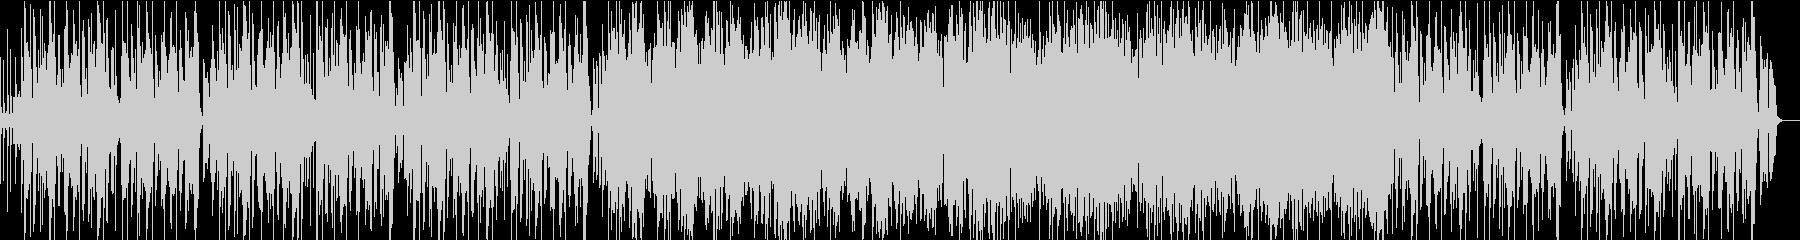 メリハリの効いた軽快ビッグバンドファンクの未再生の波形